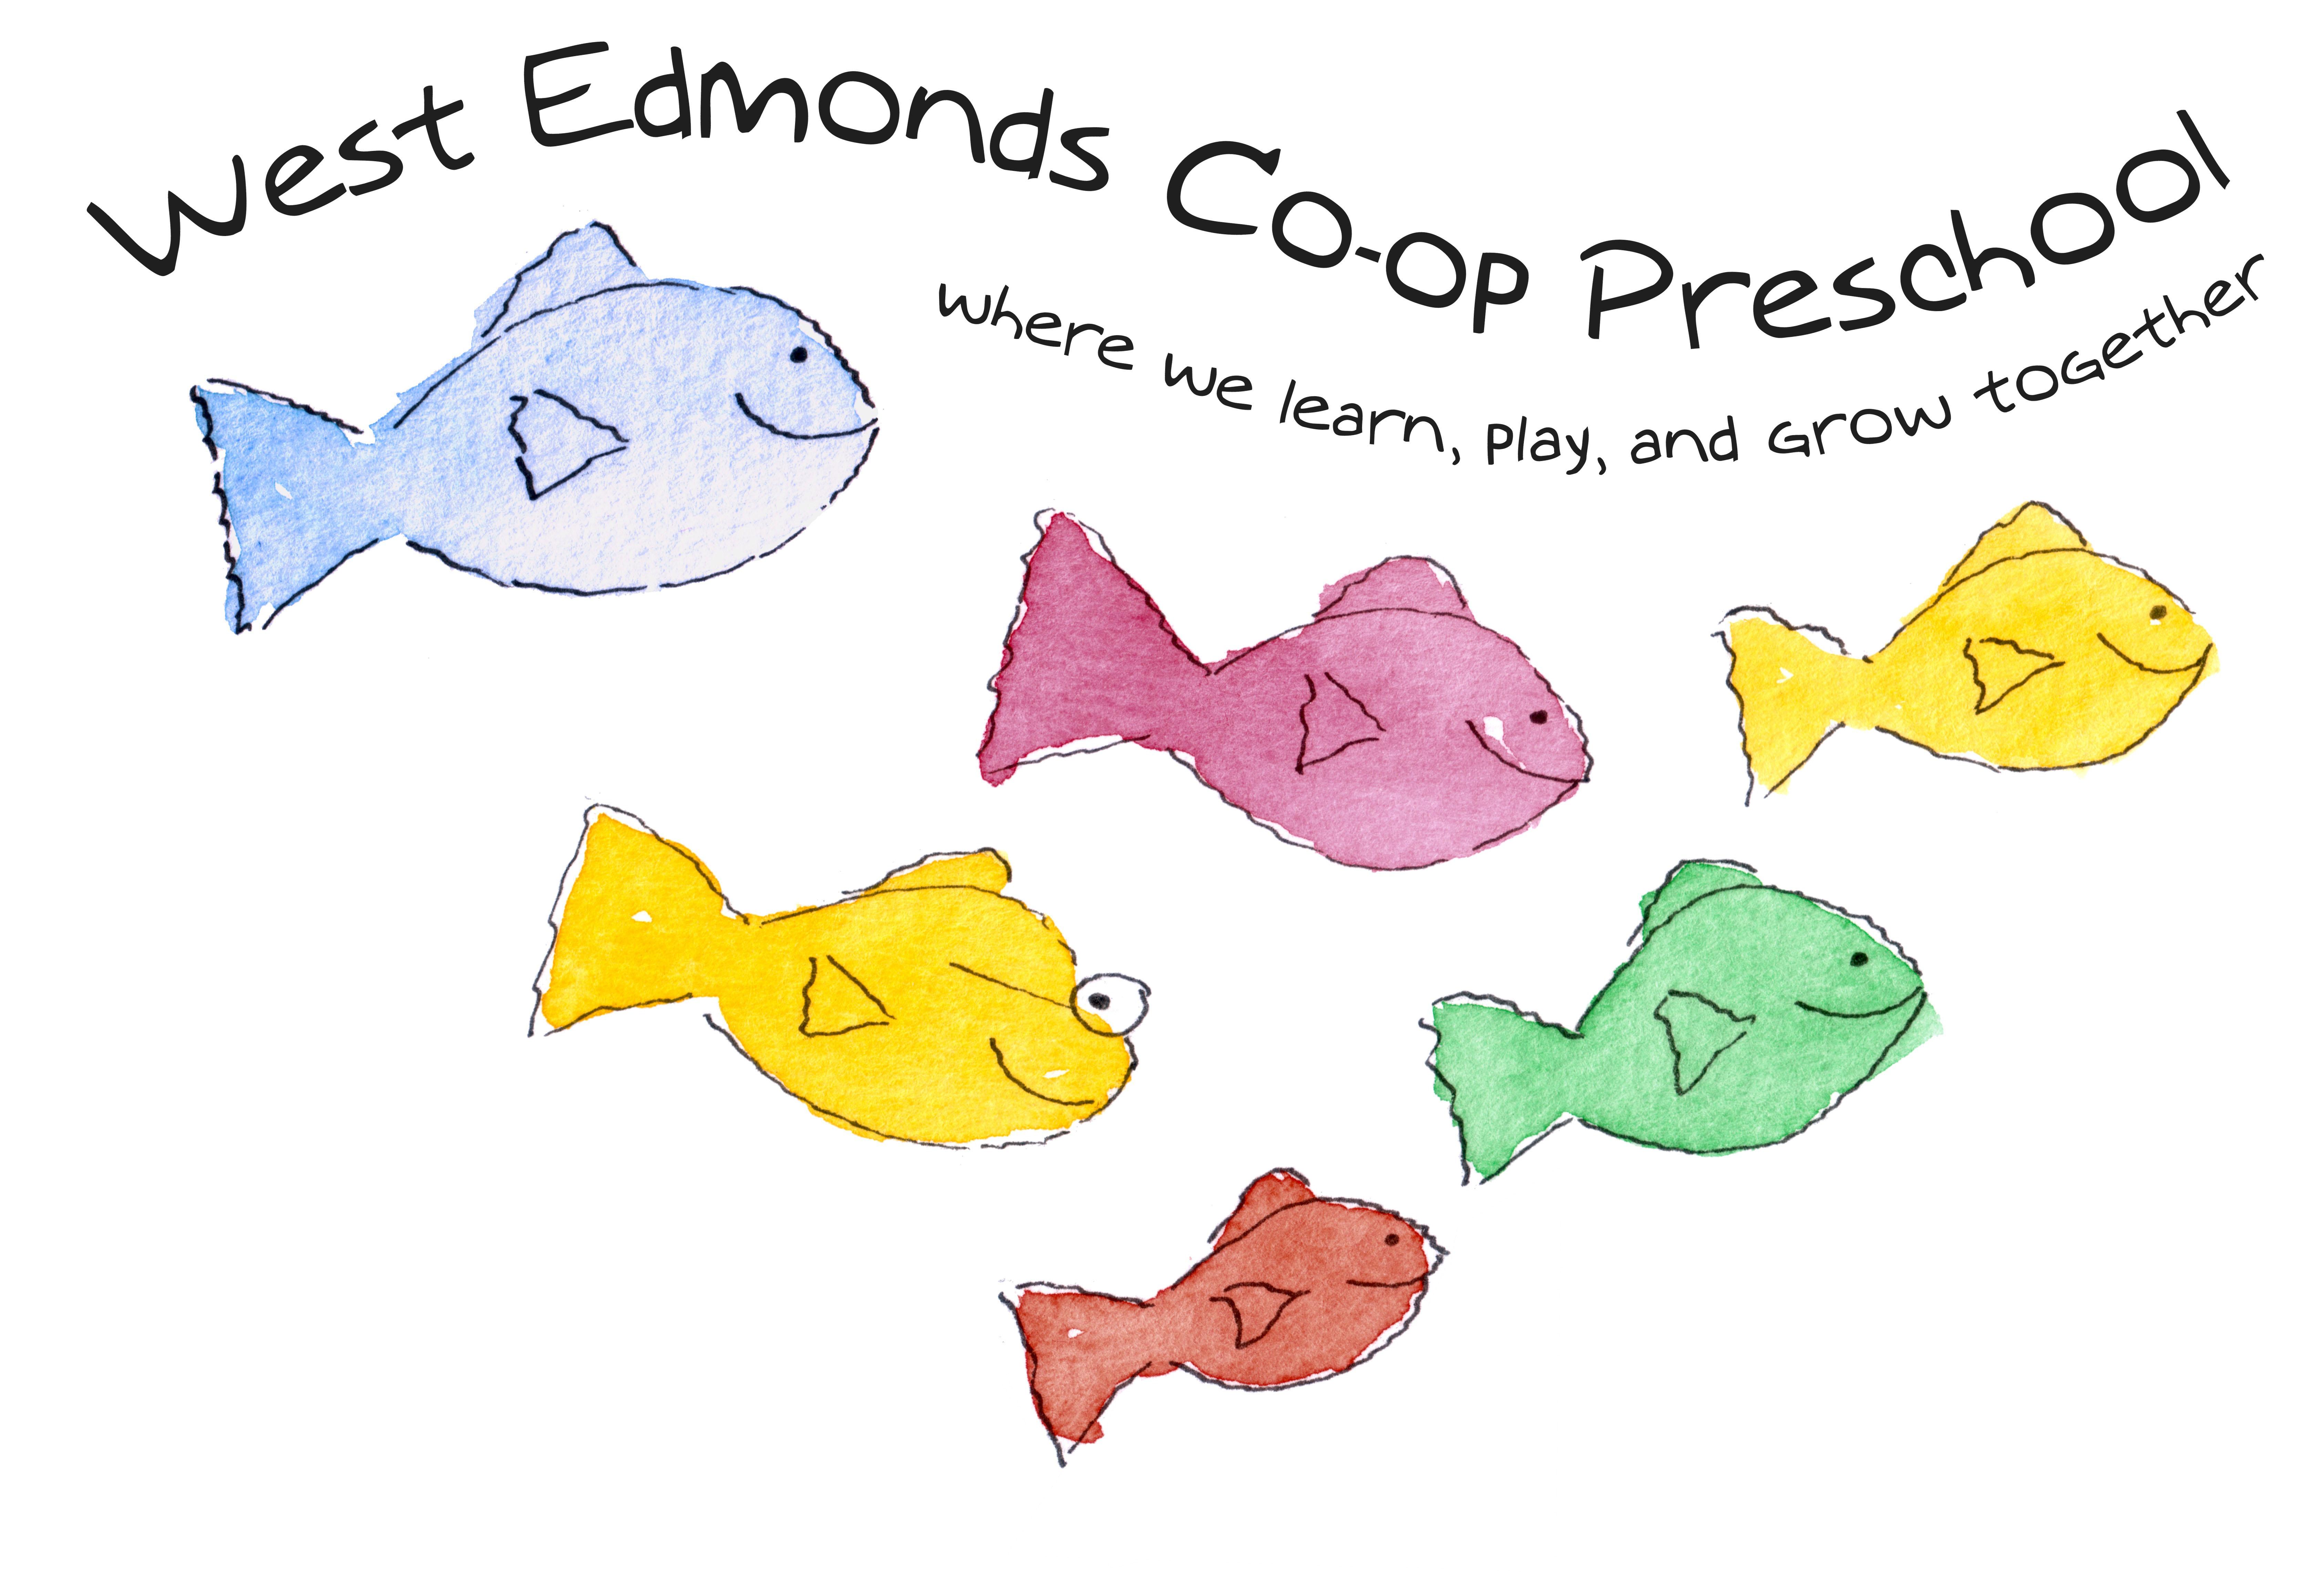 West Edmonds Co Op Preschools Open House Lynnwood Today